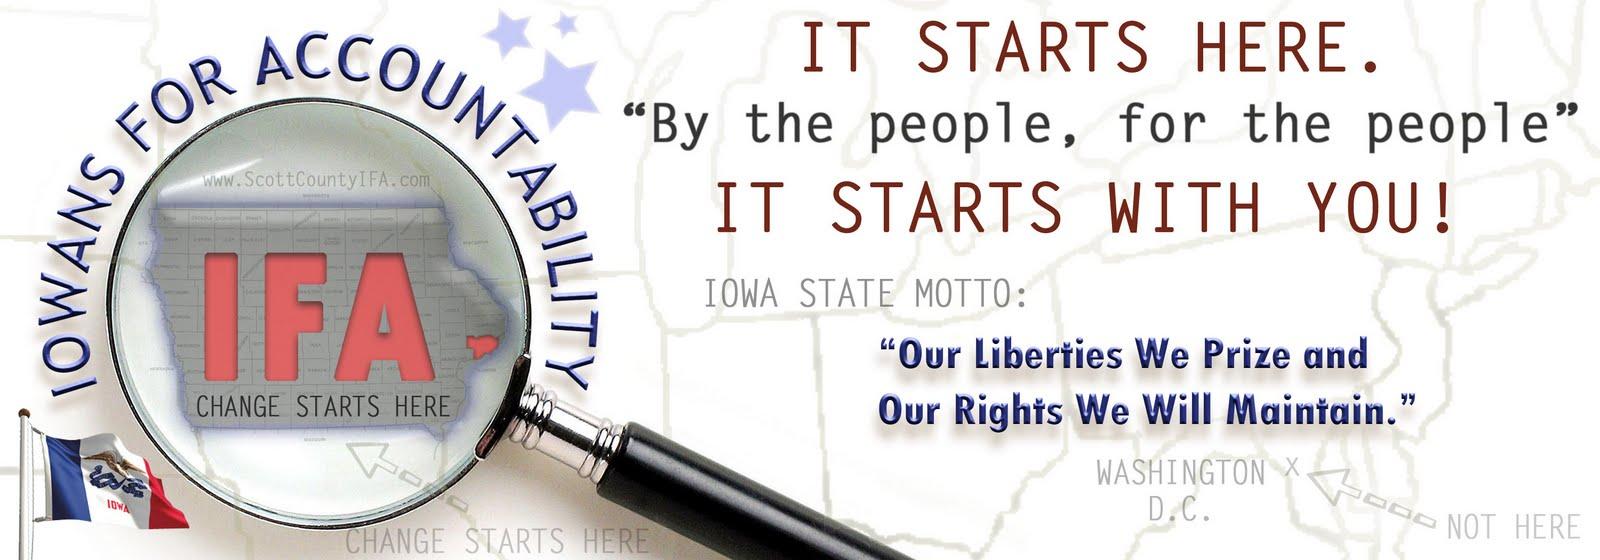 Iowans For Accountability | Scott County IFA